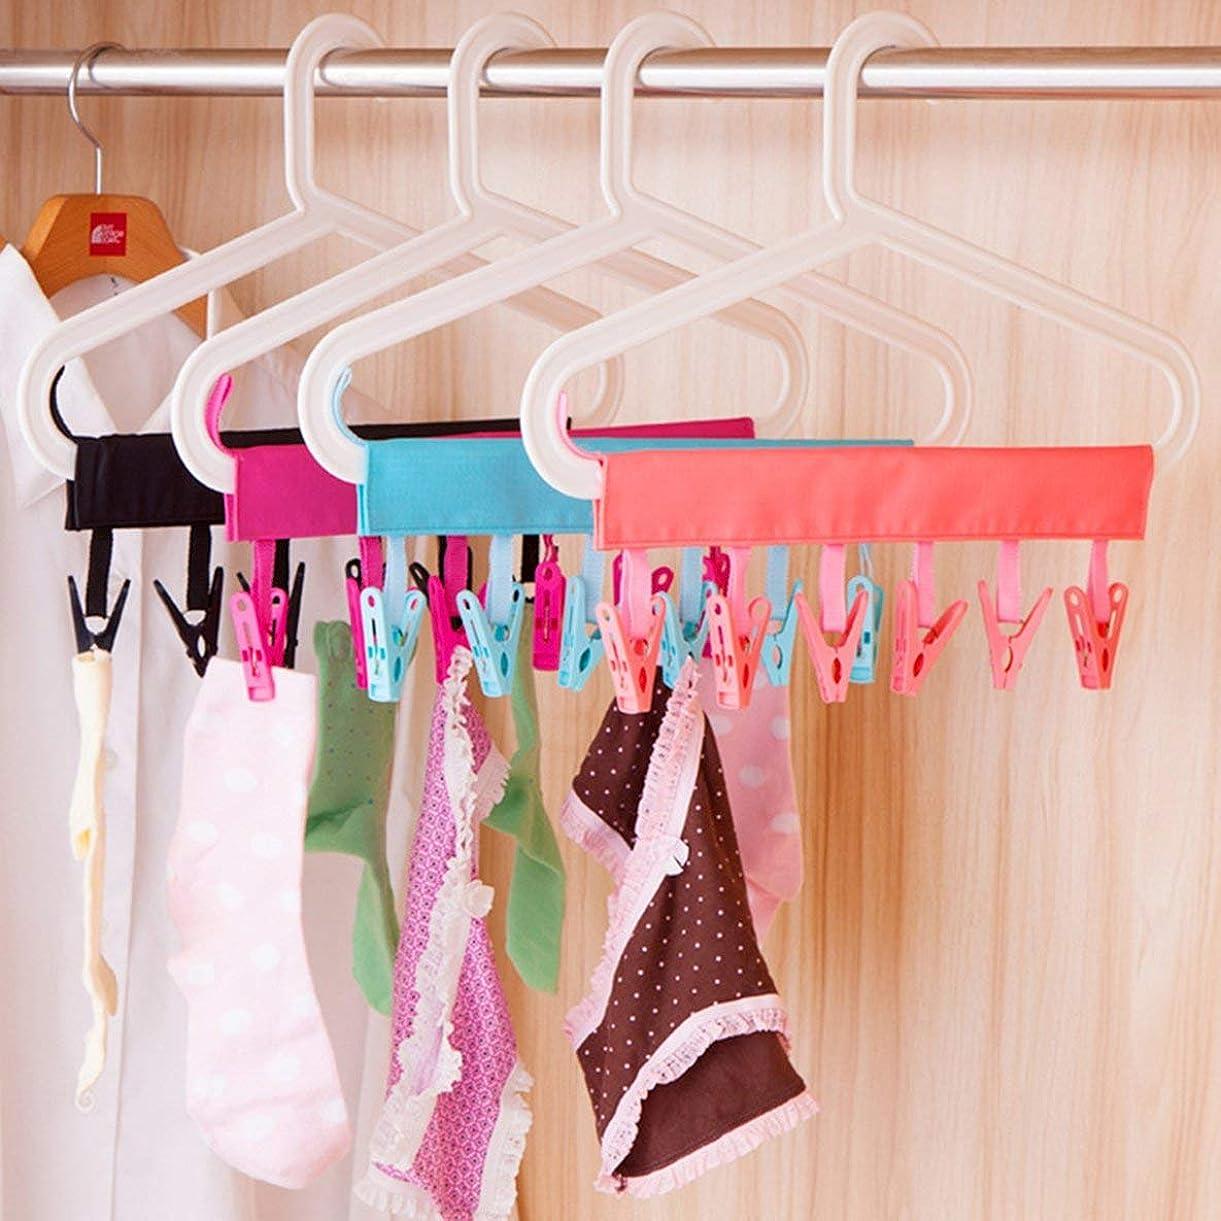 証拠敷居リズミカルな乾燥ラックバスルームラック取り外し可能な洗濯ばさみ布クリップトラベルポータブル折りたたみ布ハンガークリップ-ピンク